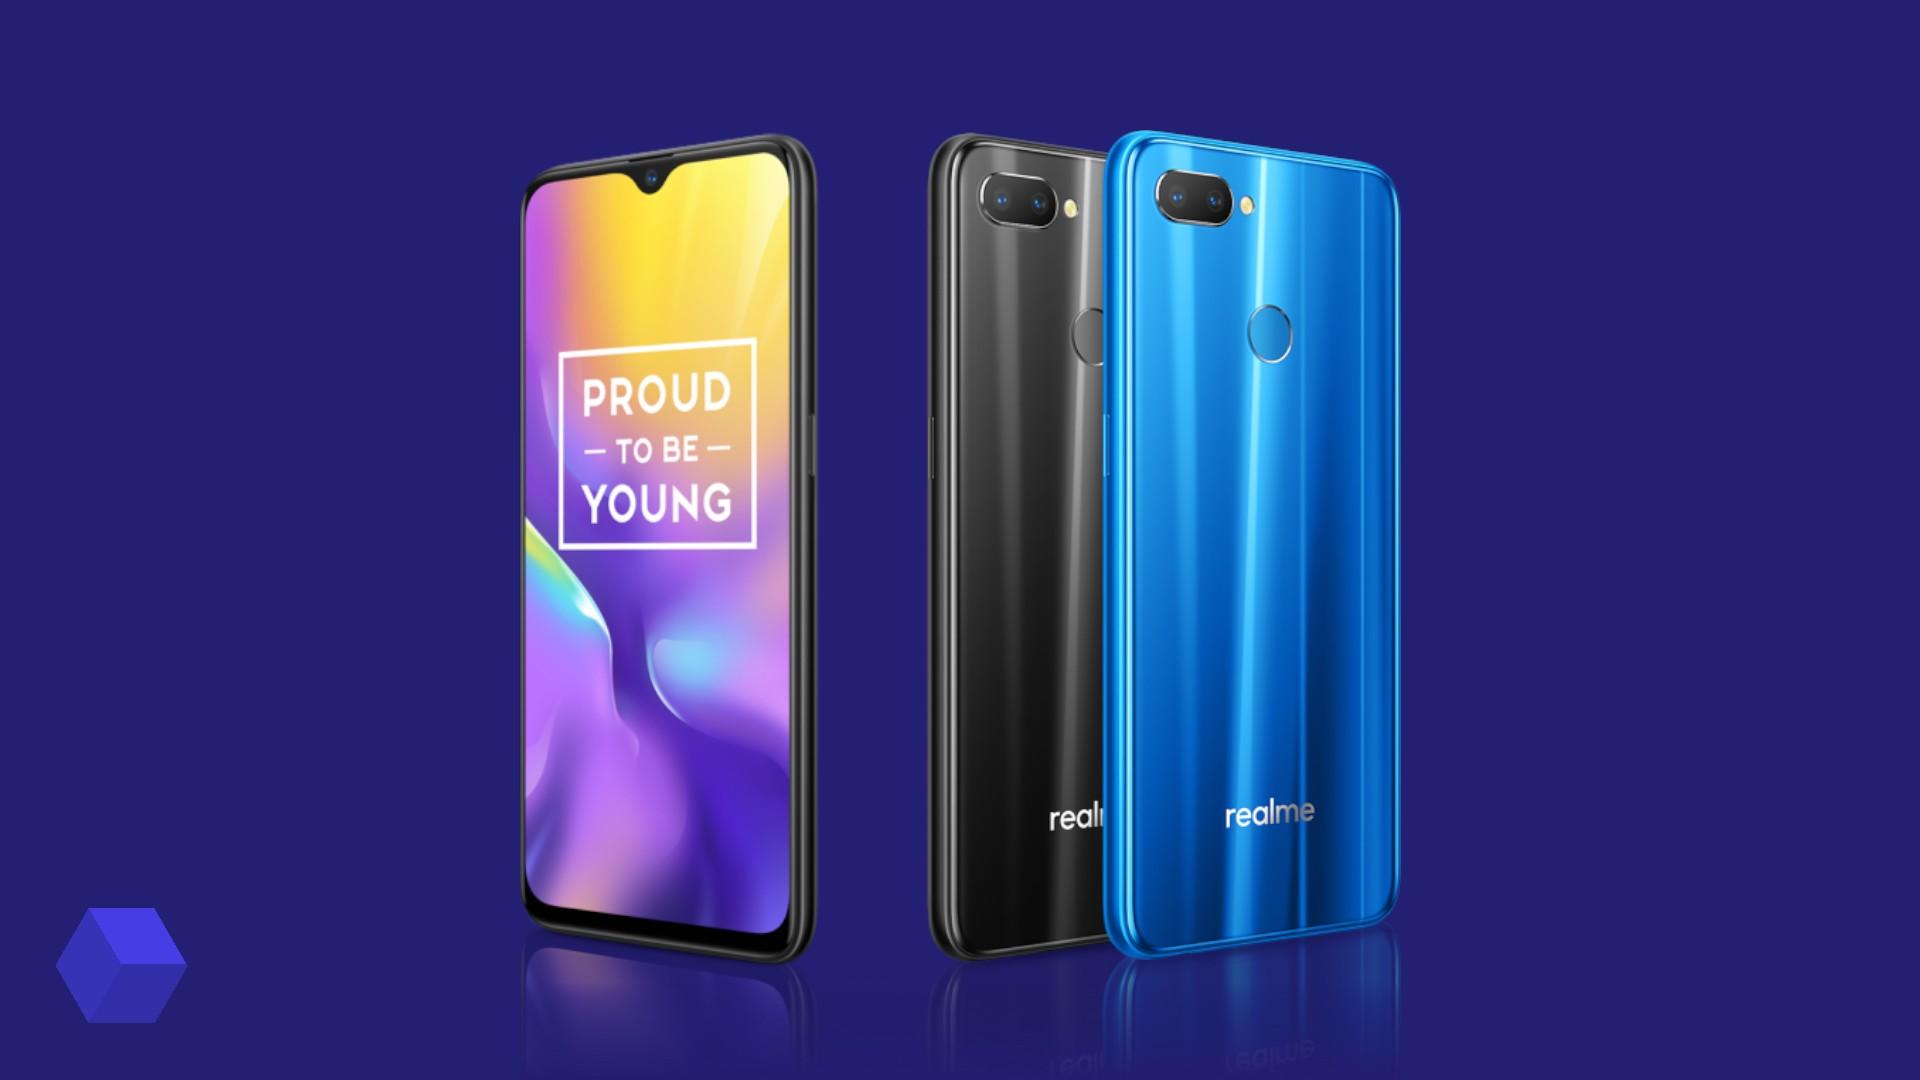 Realme выпустила смартфон с Helio P70 за 170 долларов